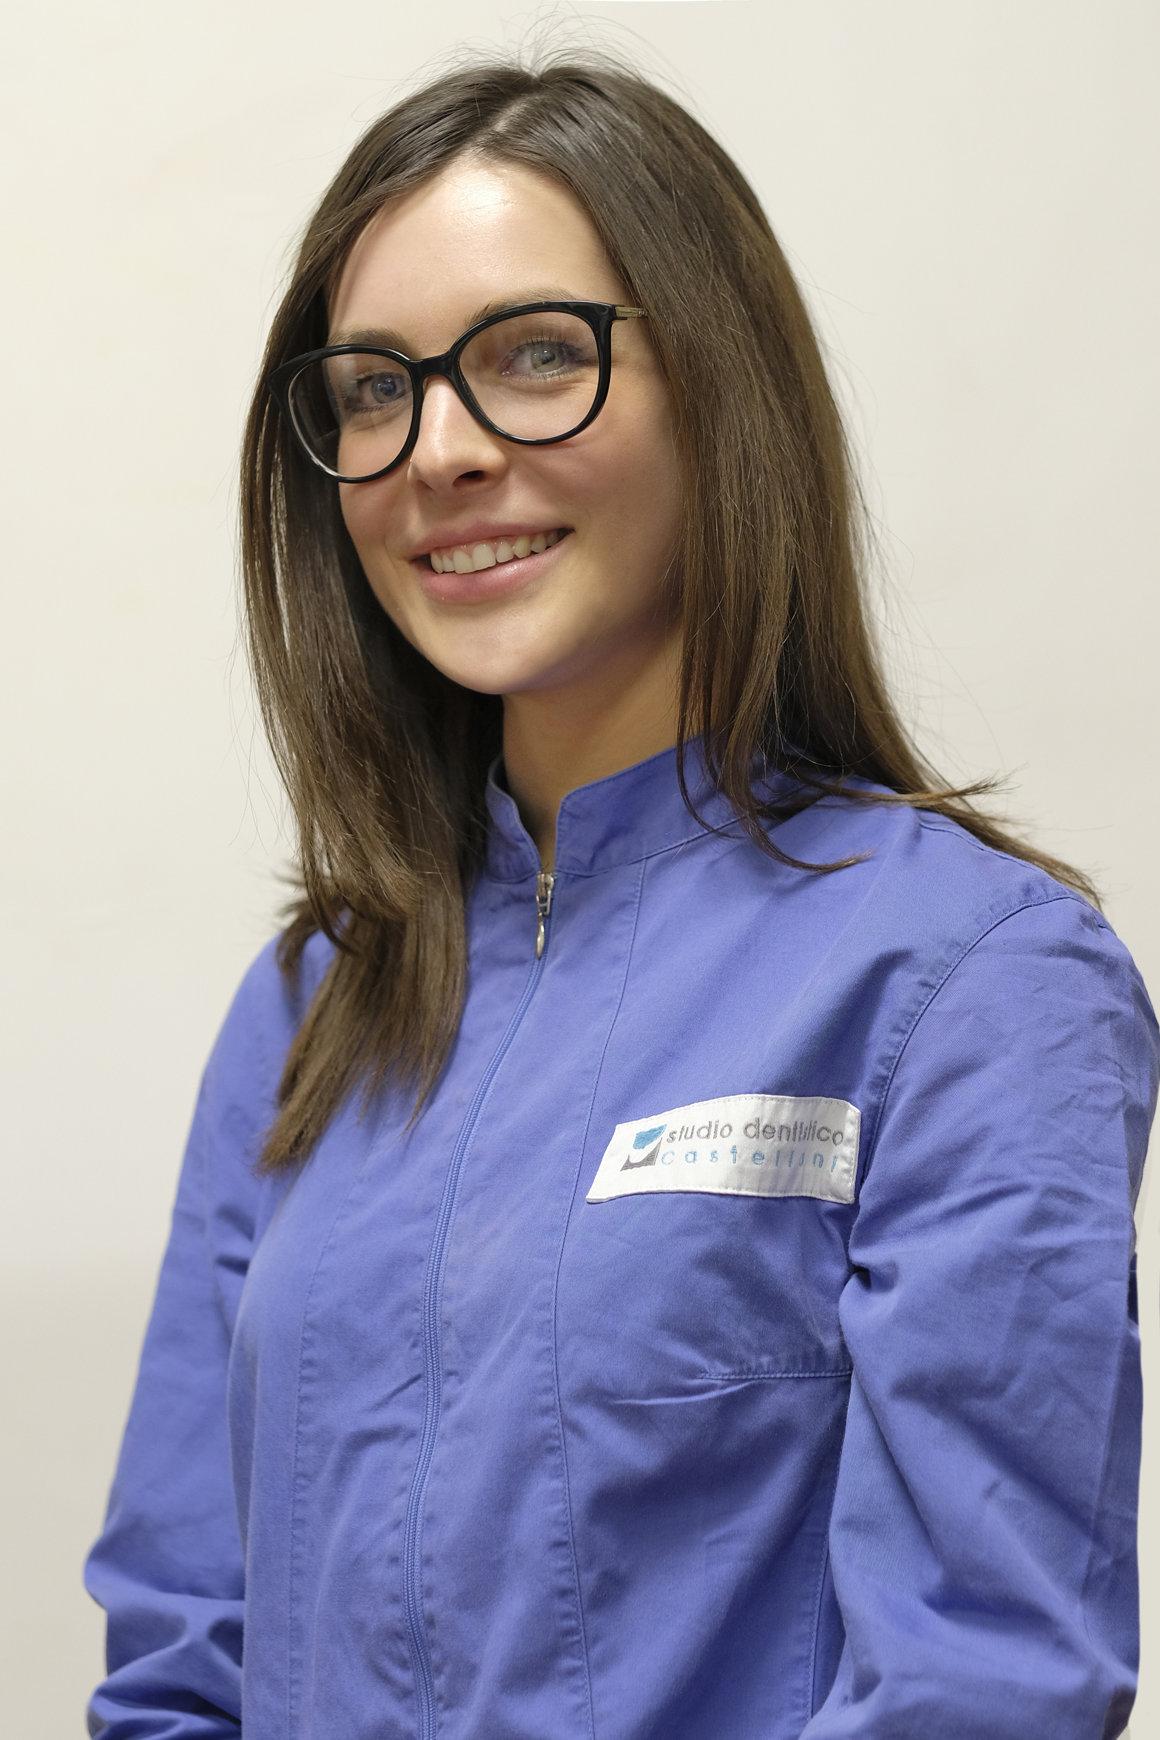 Elisa Lavarini